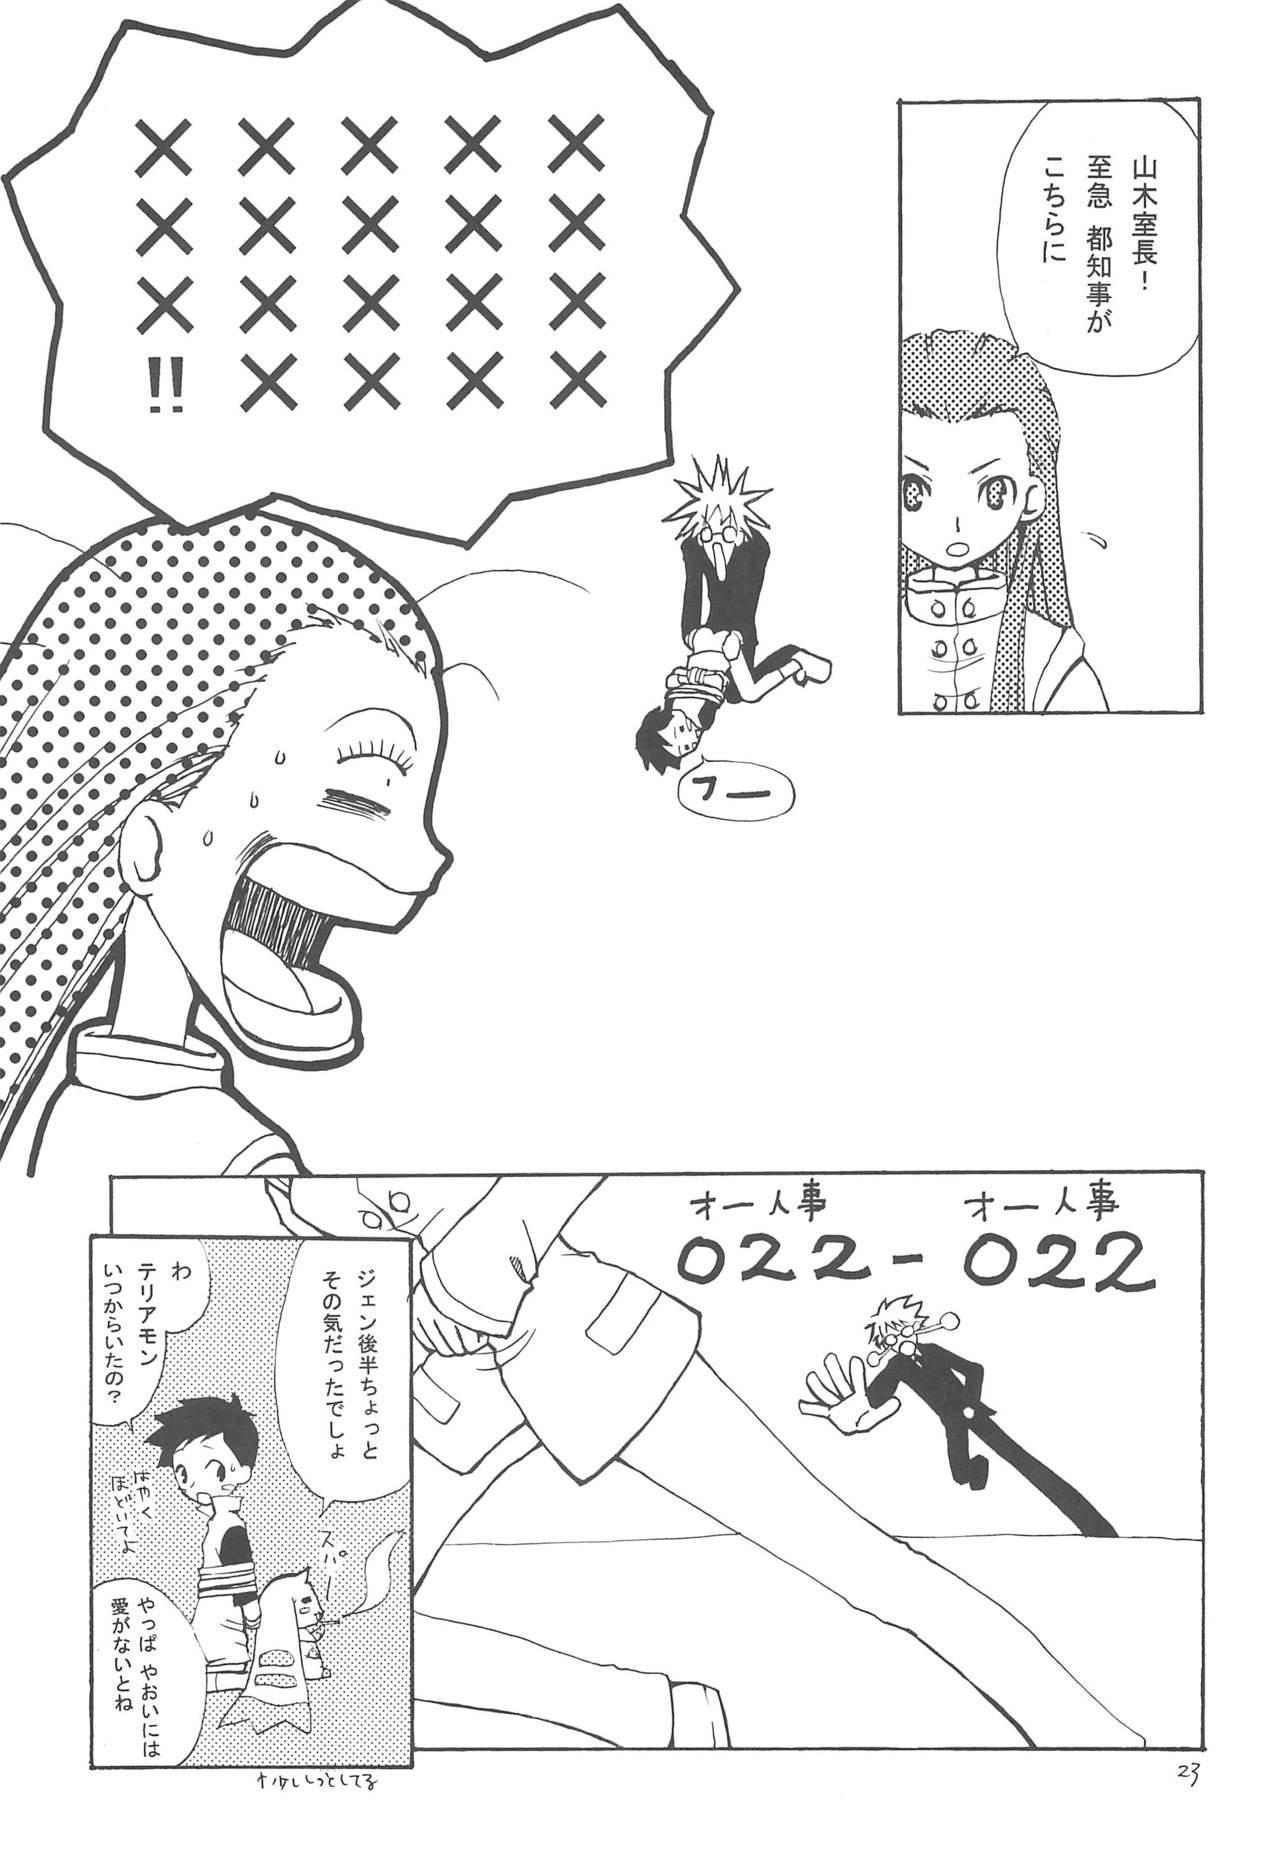 ANALOG COMMUNICATION 22